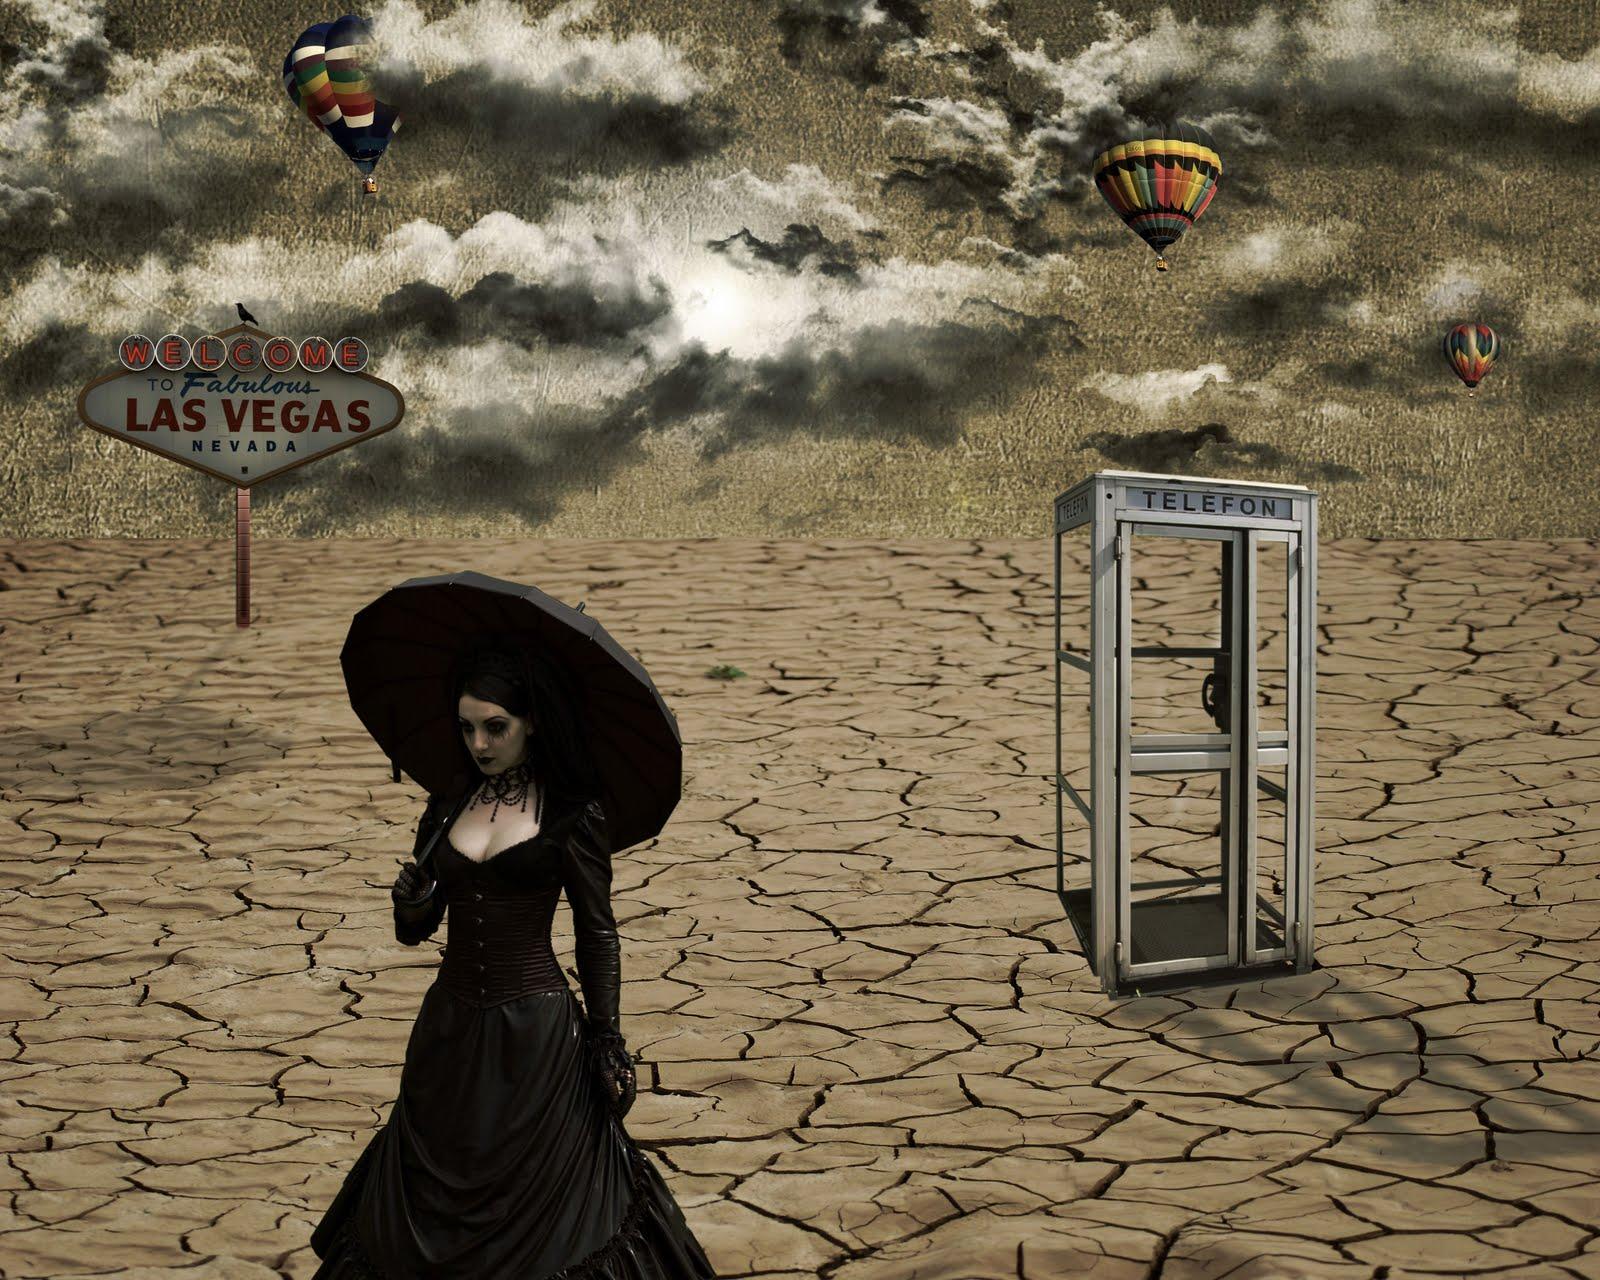 Photobot Surrealism Photoshop I